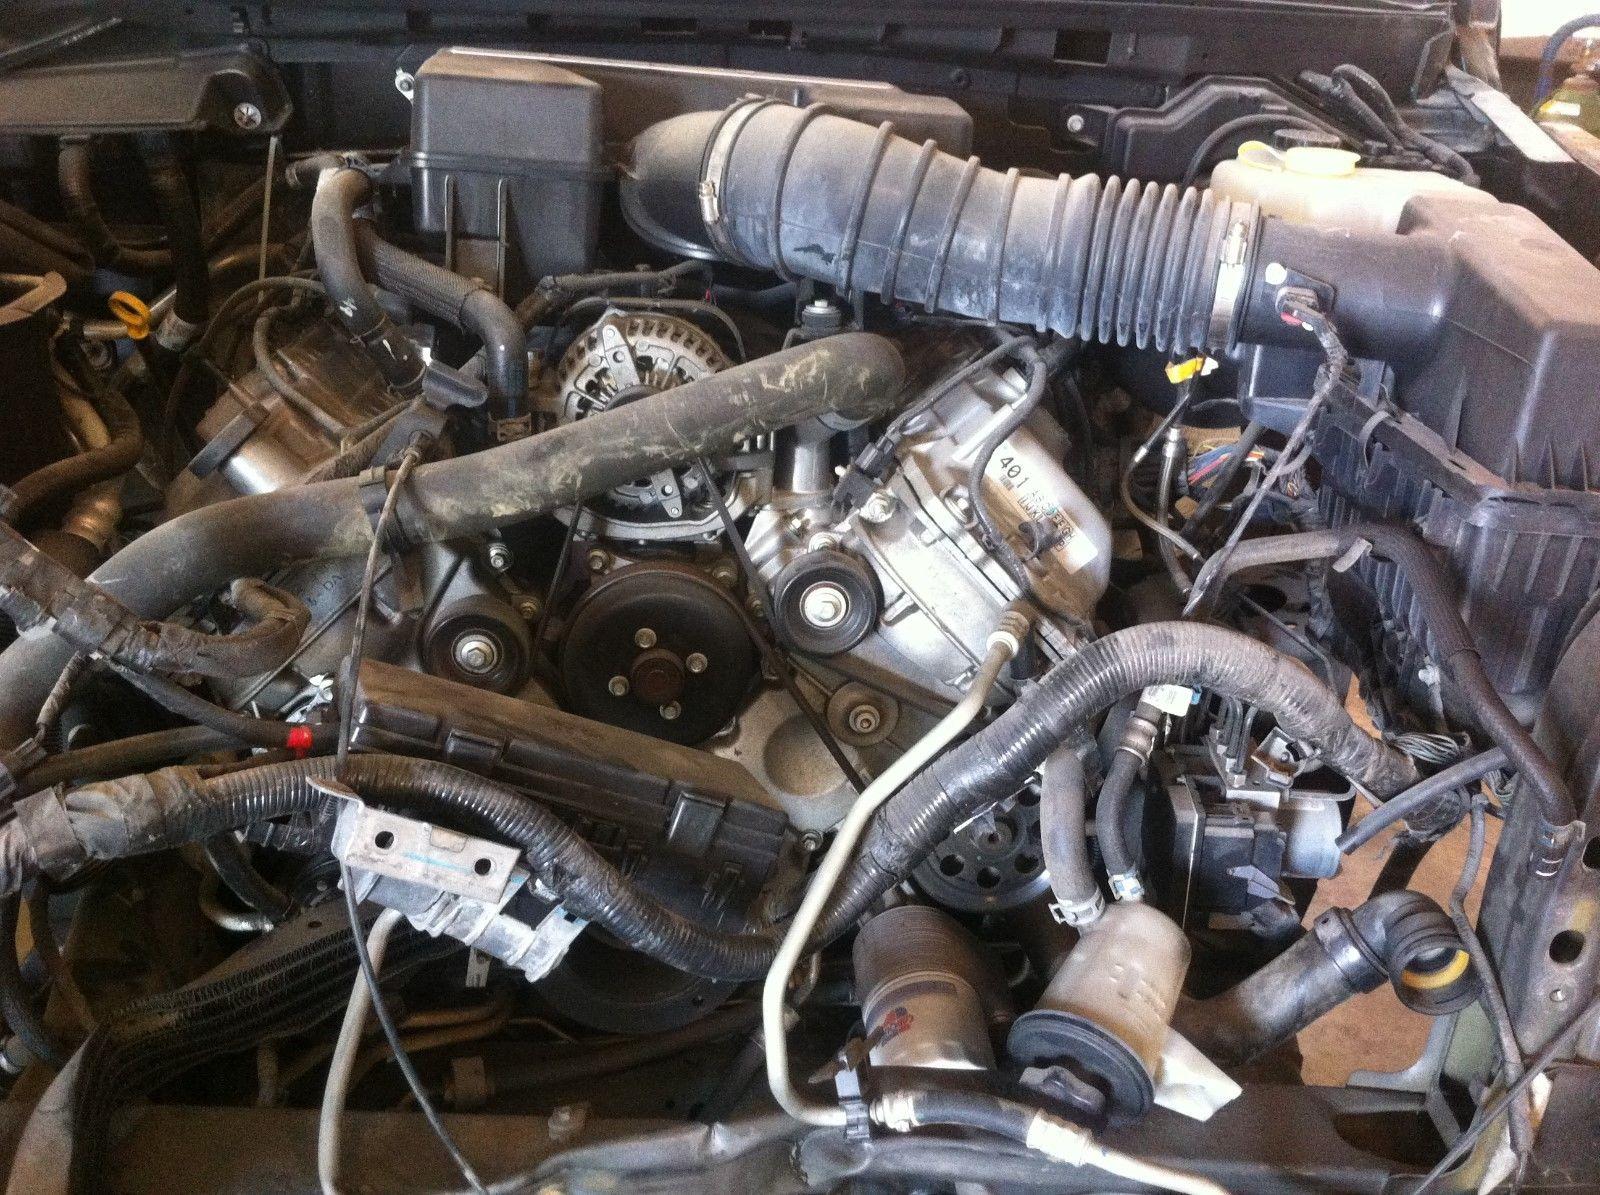 2011 FORD F150 RAPTOR ENGINE MOTOR assembly w/transmission